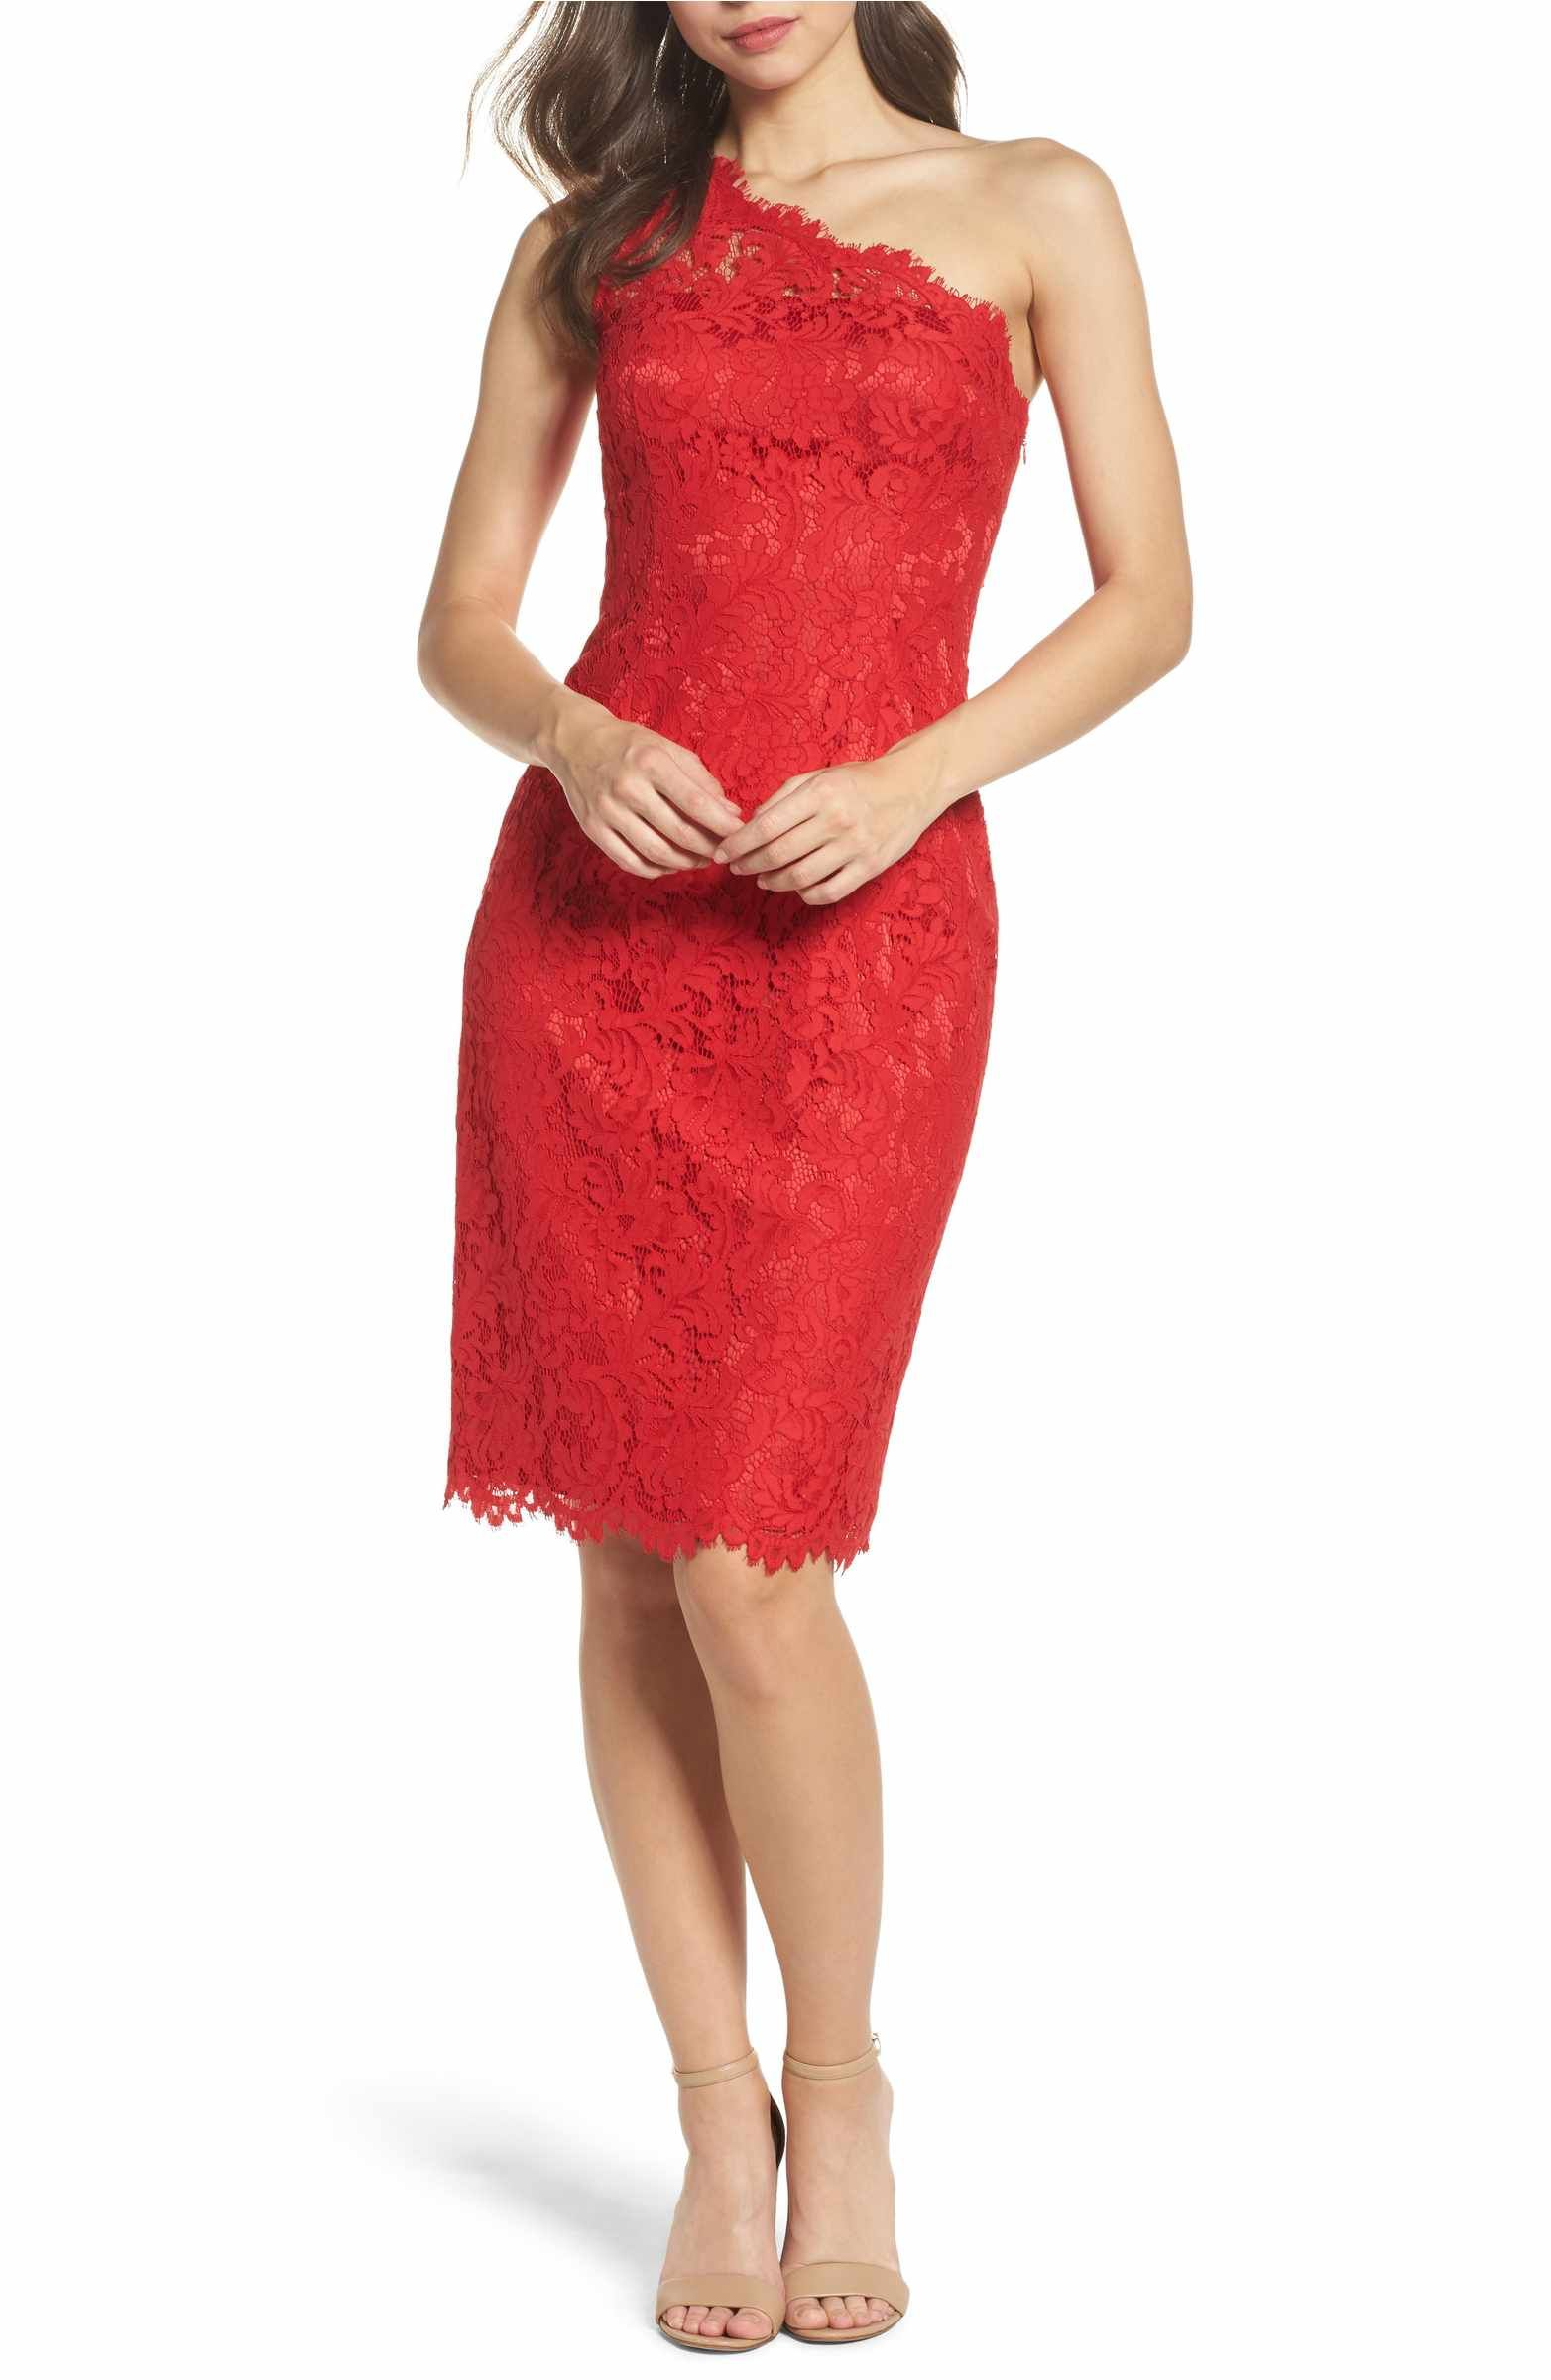 Eliza J One Shoulder Lace Dress Regular Petite With Images Lace Sheath Dress Women Wedding Guest Dresses Lace Dress